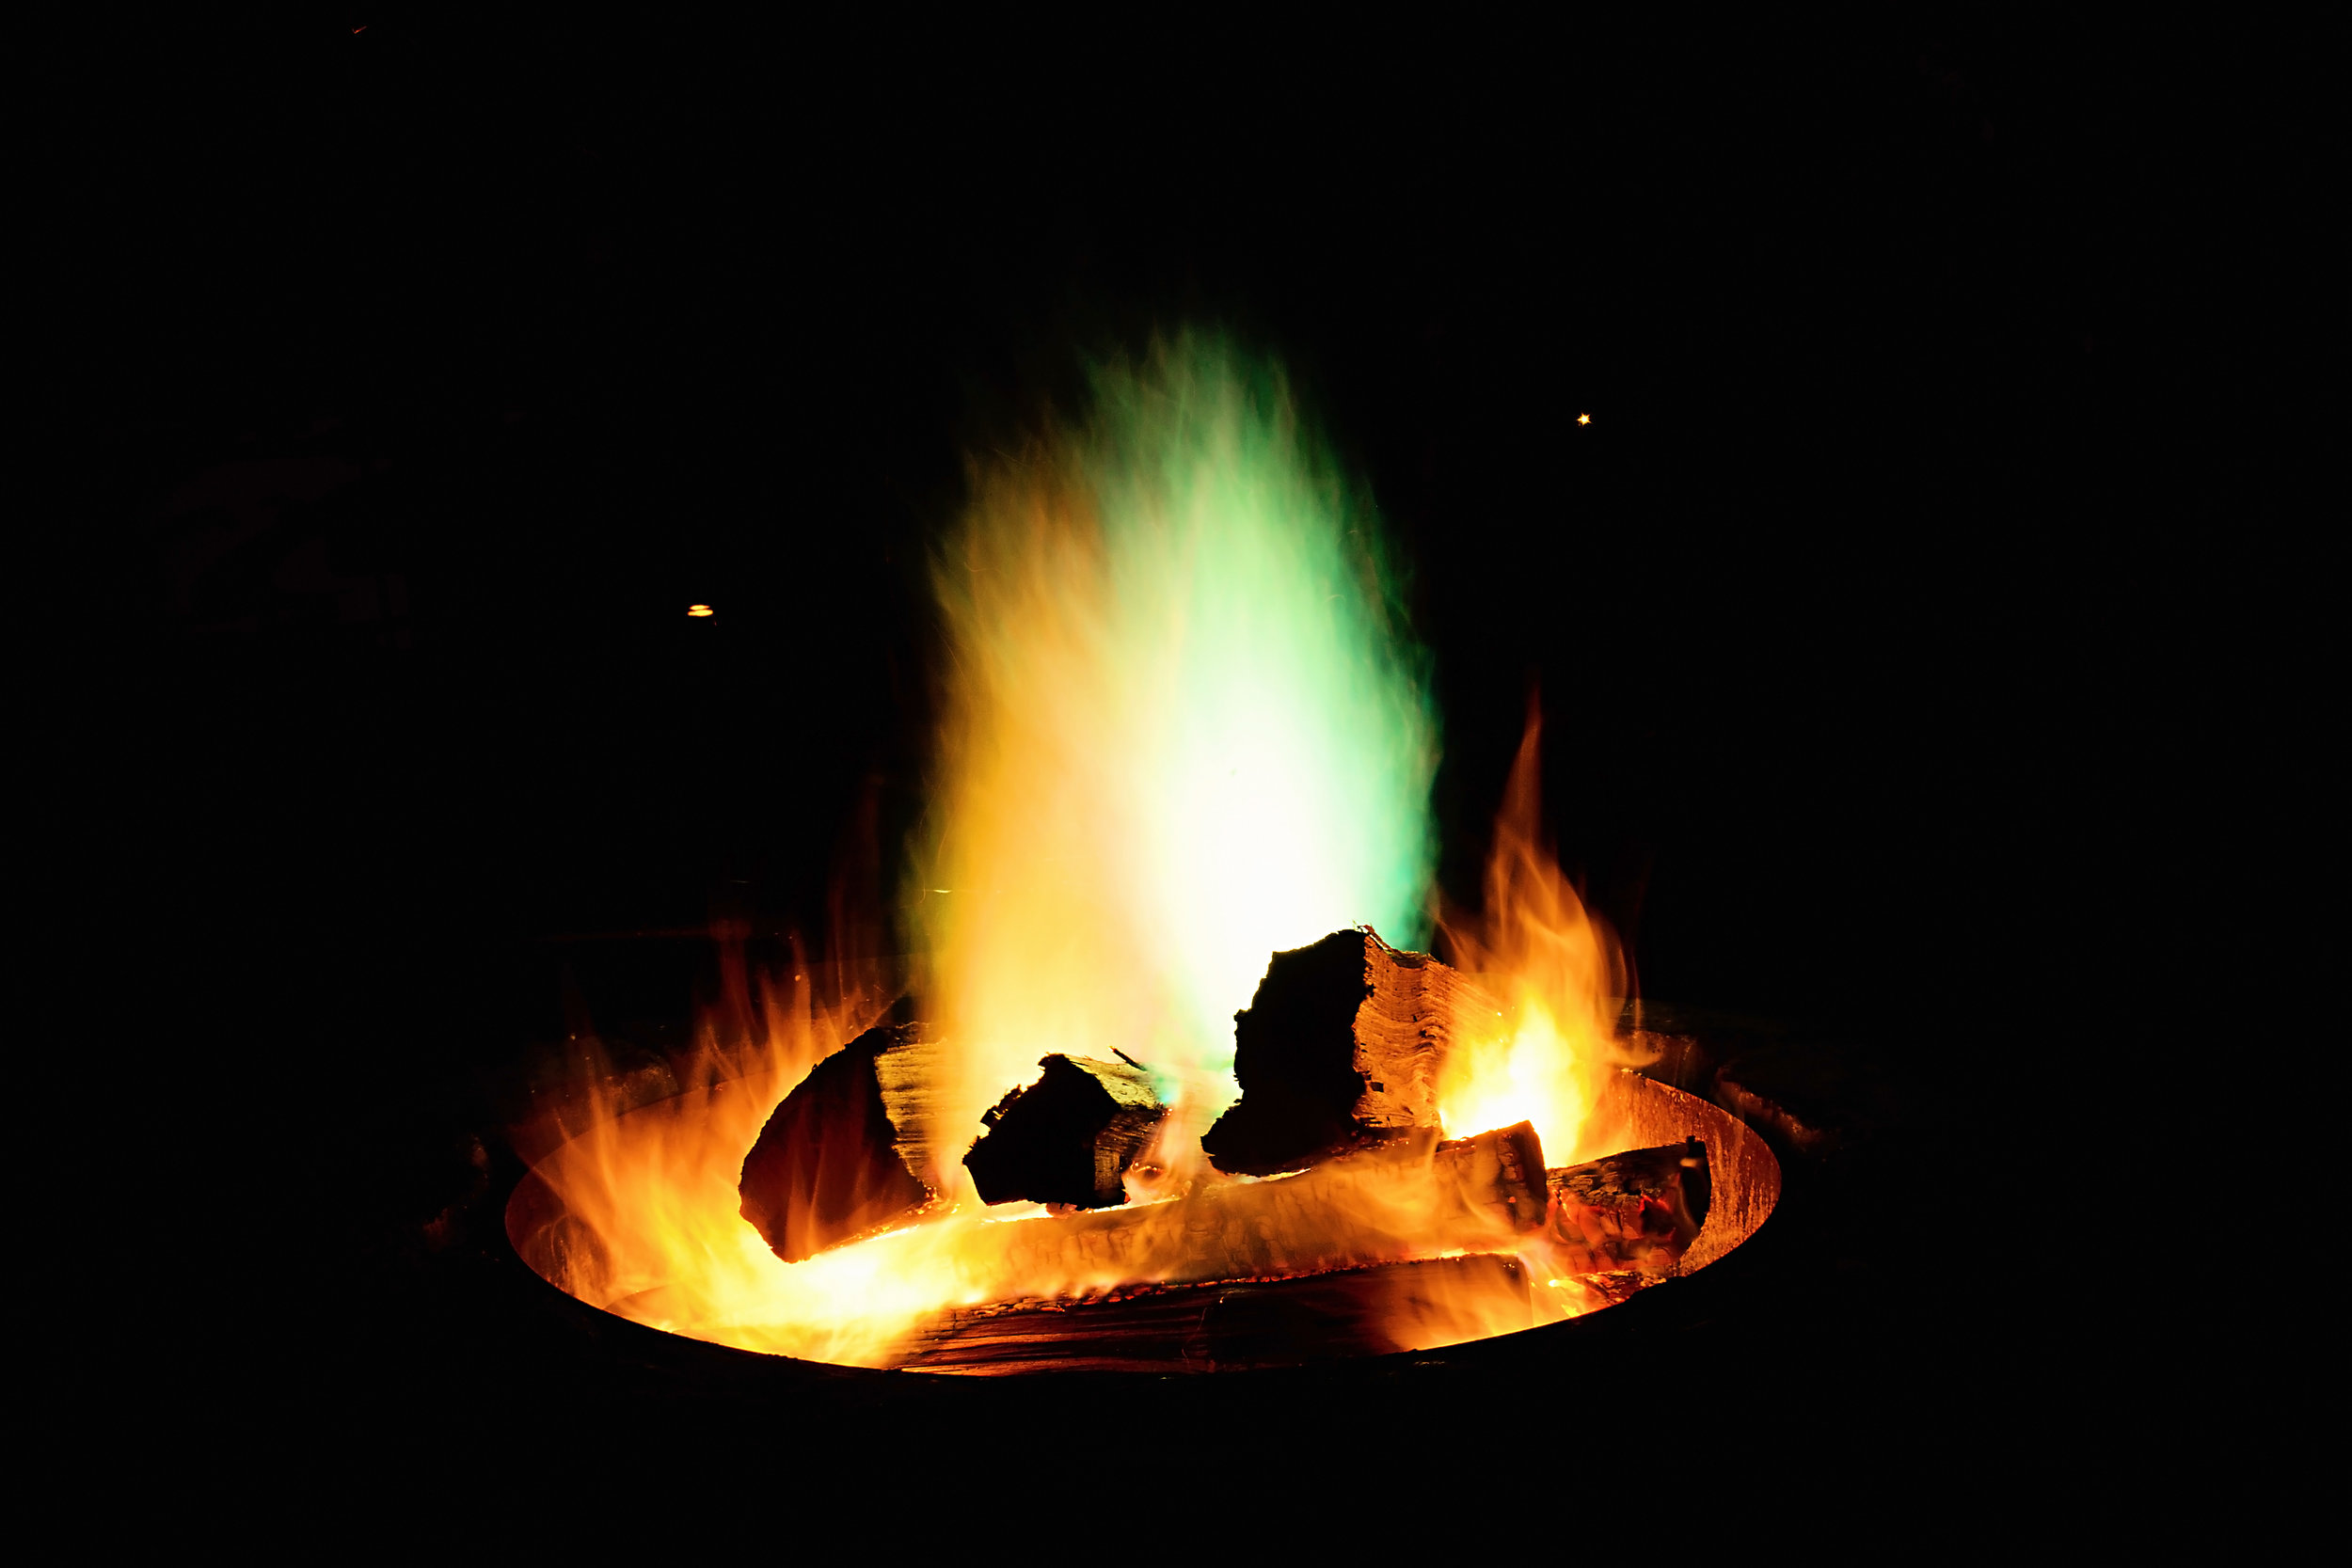 CAMPFIRE_Camping_2U4A0348.jpg